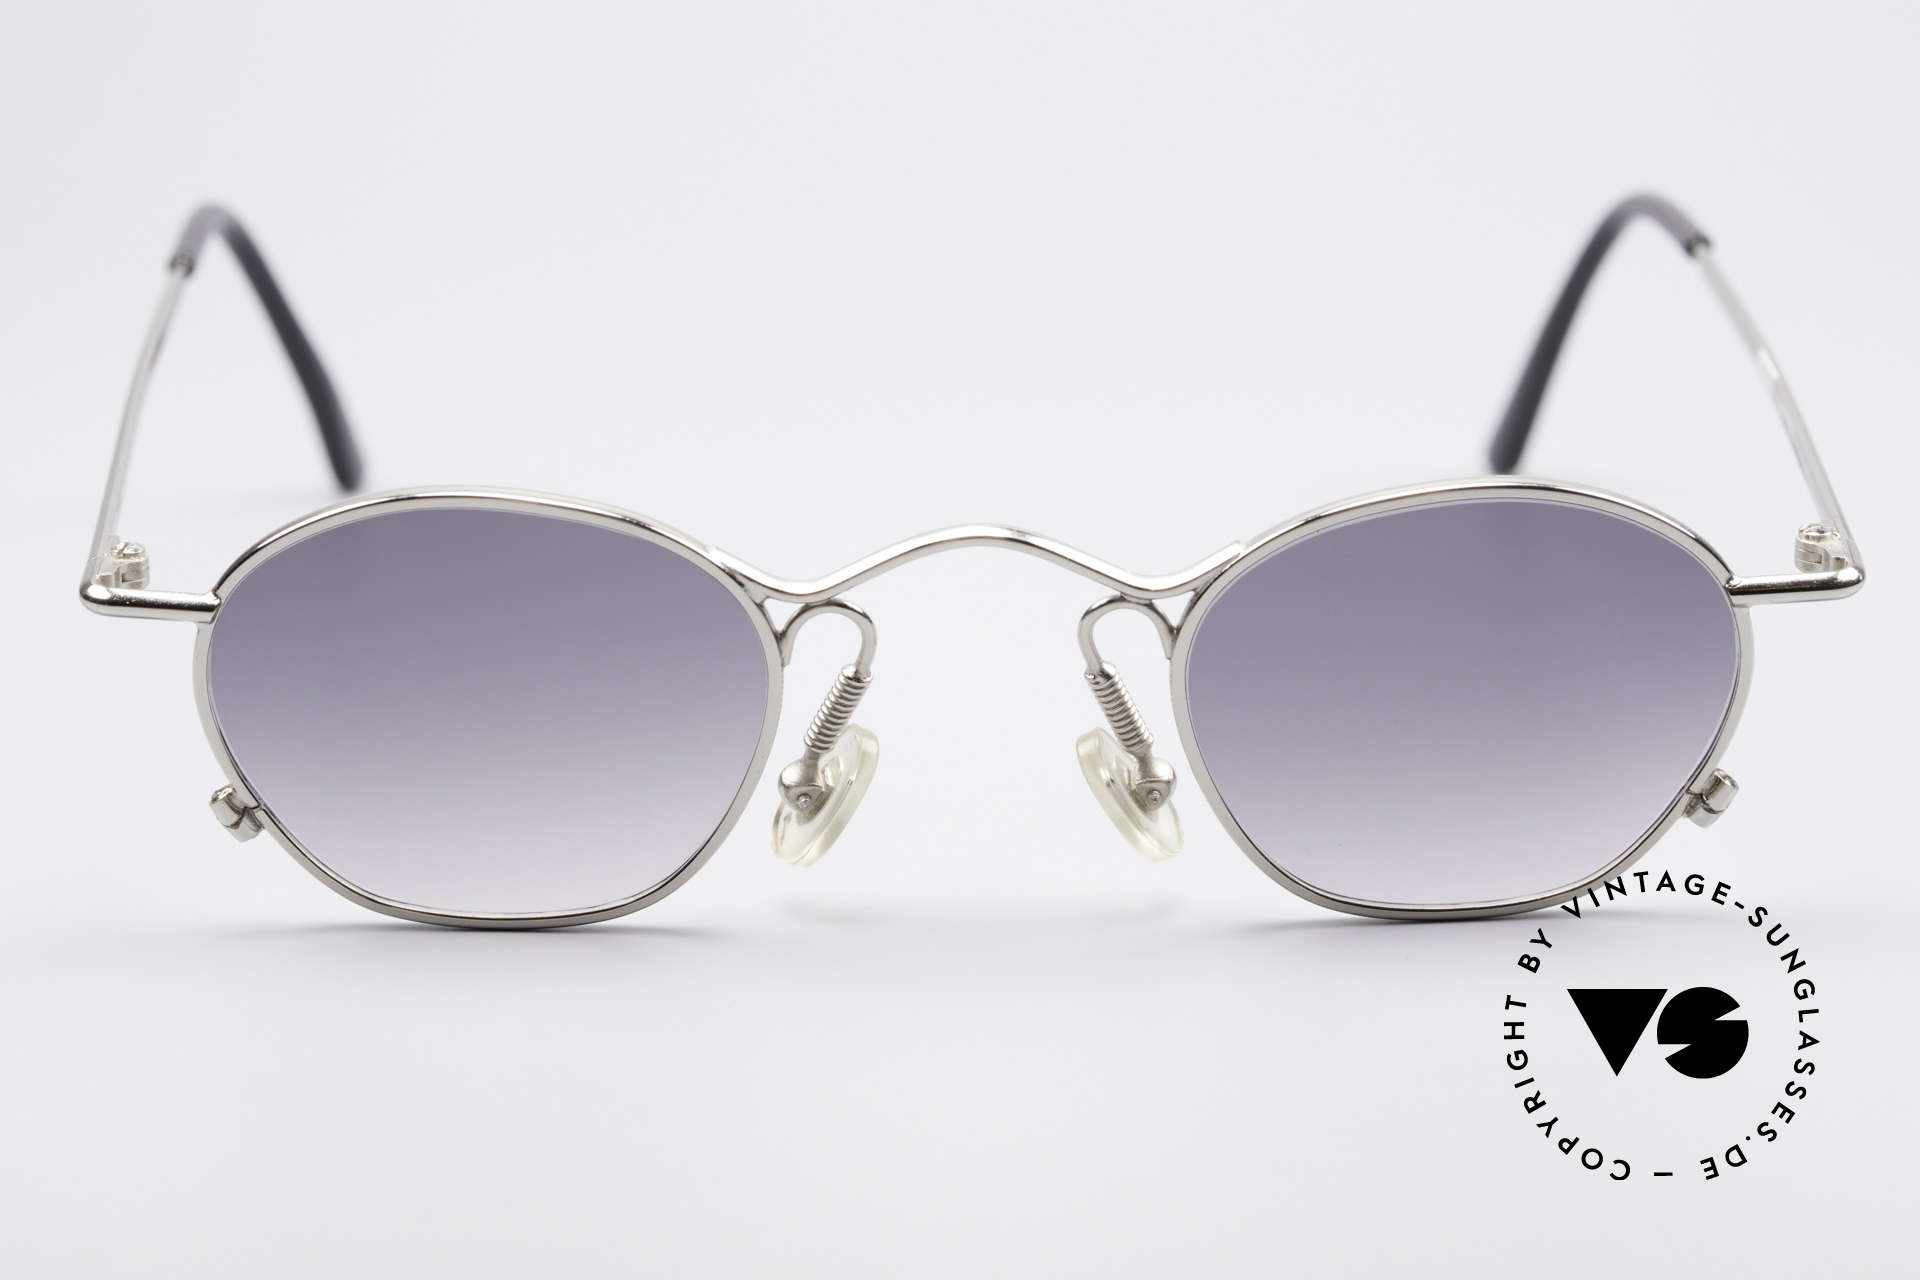 IDC 101 Echt Vintage No Retro Brille, KEINE Retrobrille; ein 20 Jahre altes ORIGINAL!, Passend für Herren und Damen